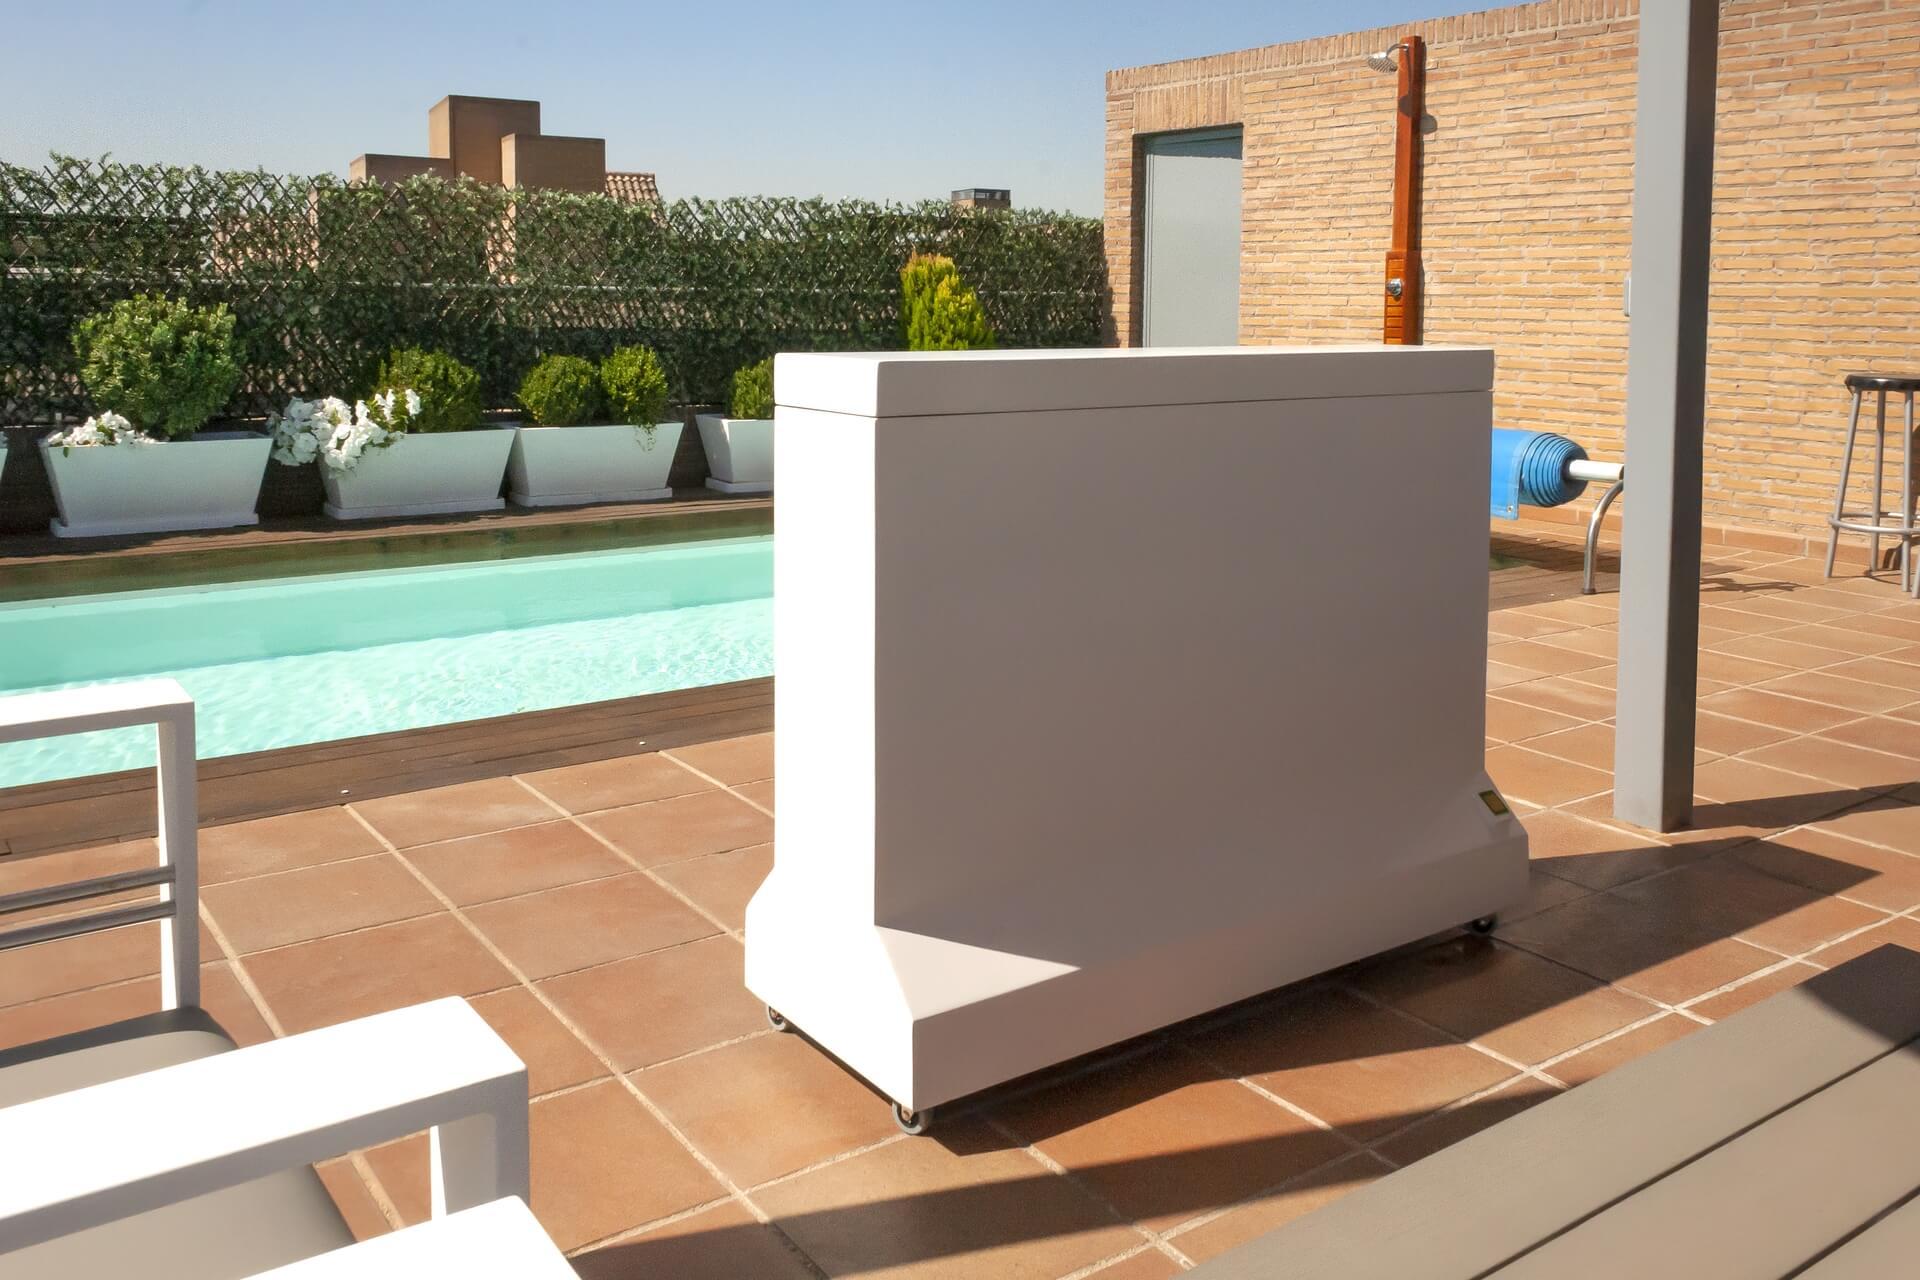 Instalado nuevo mueble tv de exterior estanco en Madrid (Urb. La Finca)